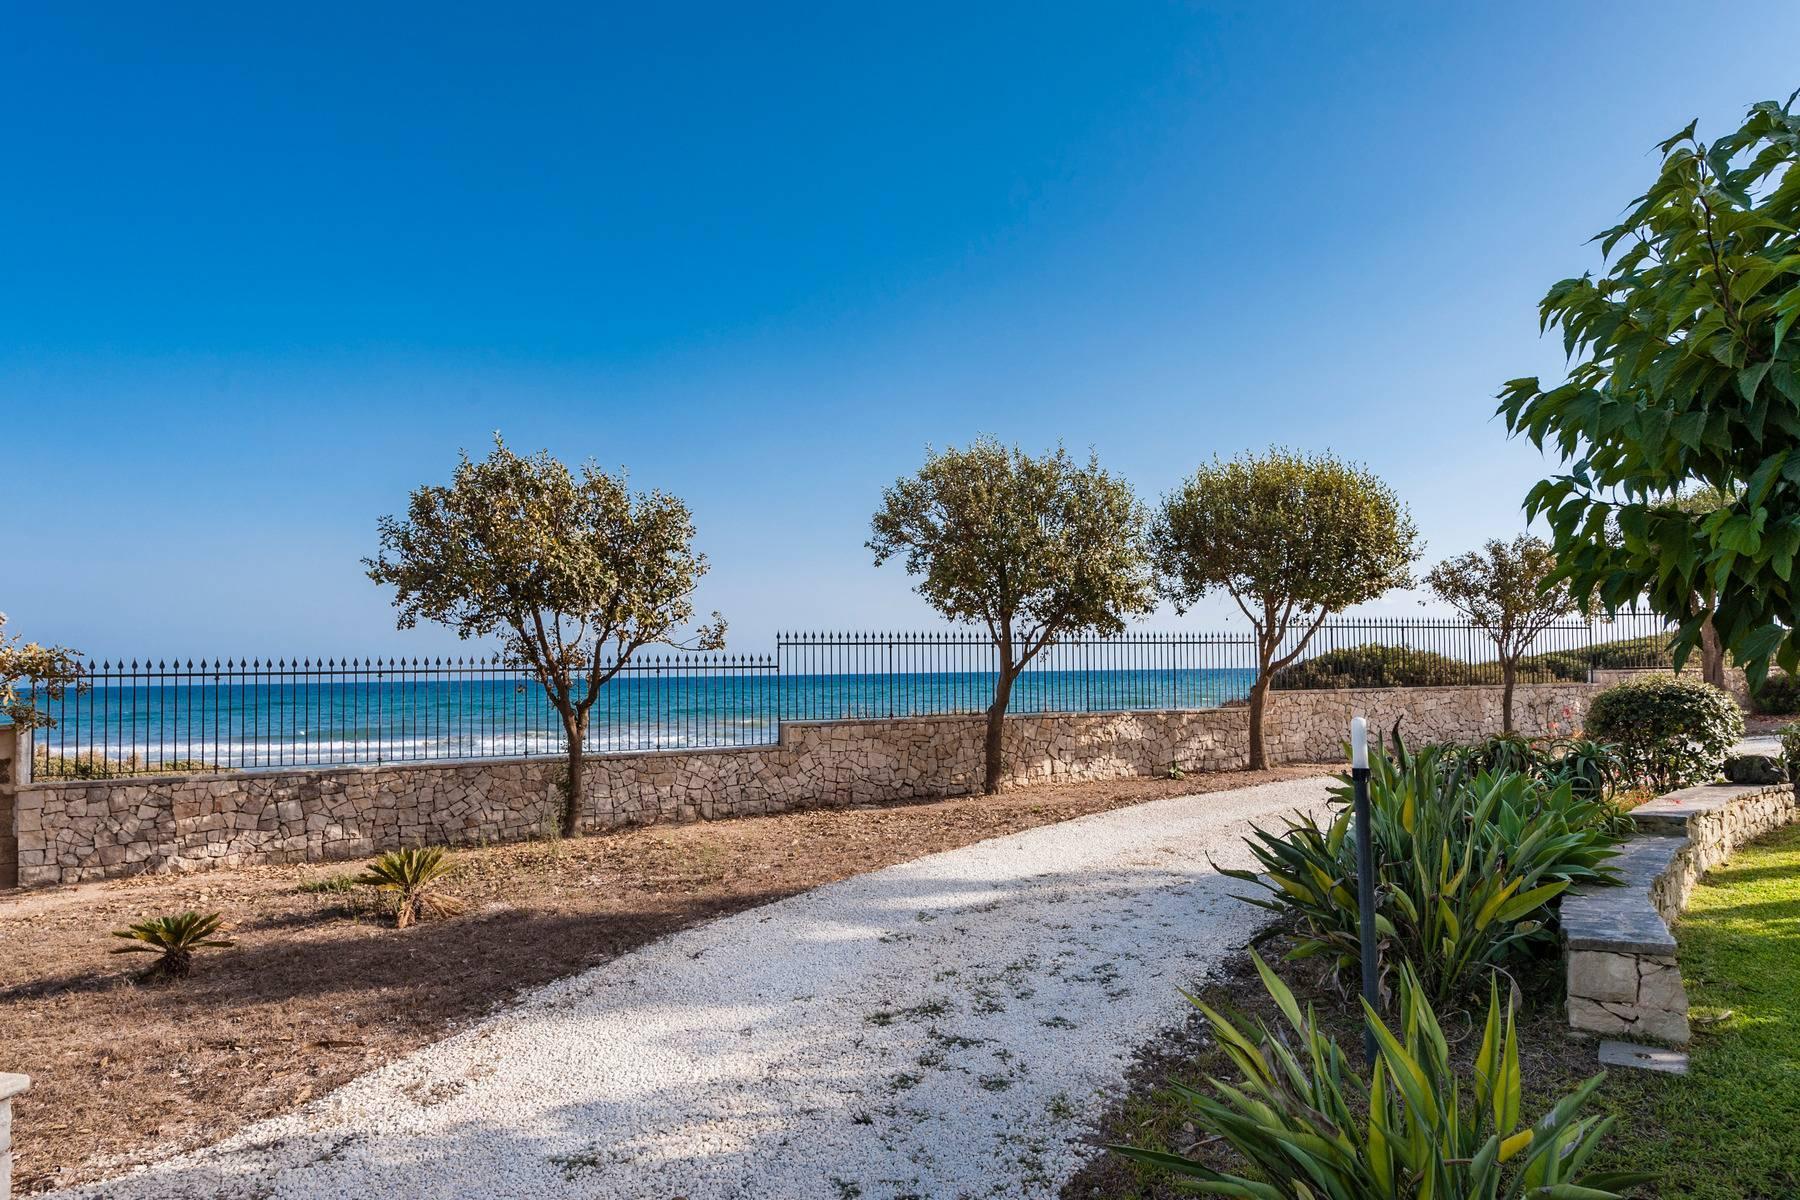 Esclusiva villa sul mare con ingresso privato in spiaggia - 25